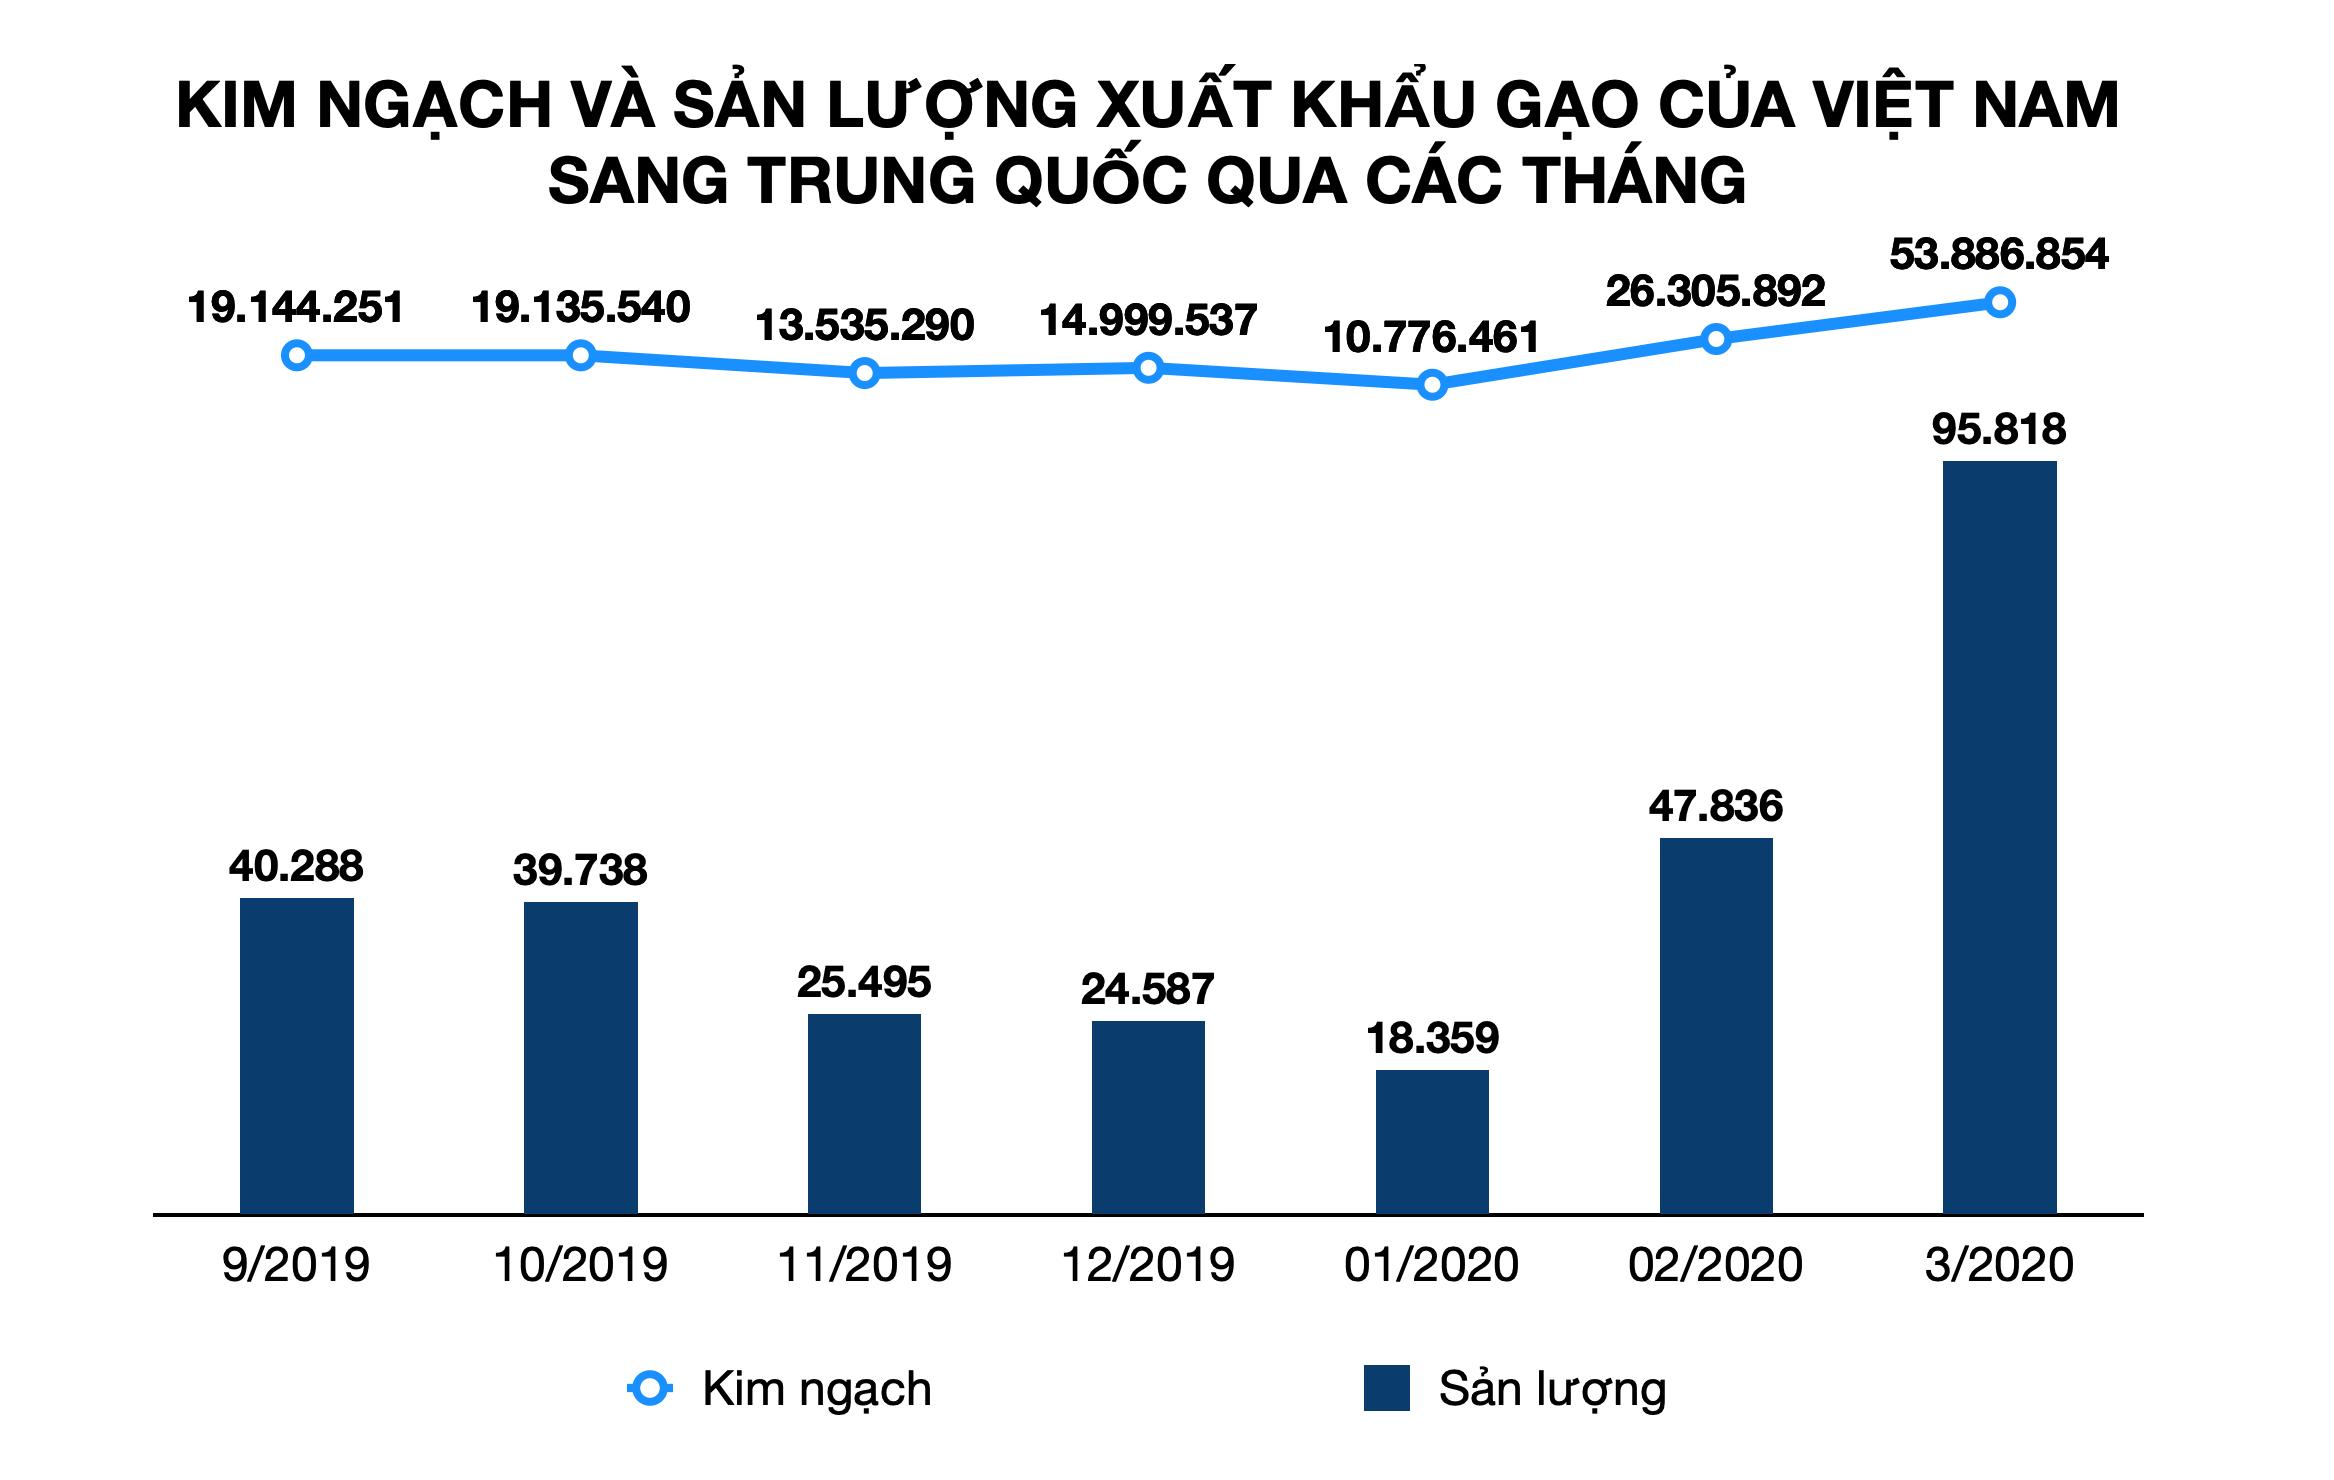 Trung Quốc mua hơn 1/10 gạo xuất khẩu của Việt Nam với giá 13.200 đồng/kg - Ảnh 1.